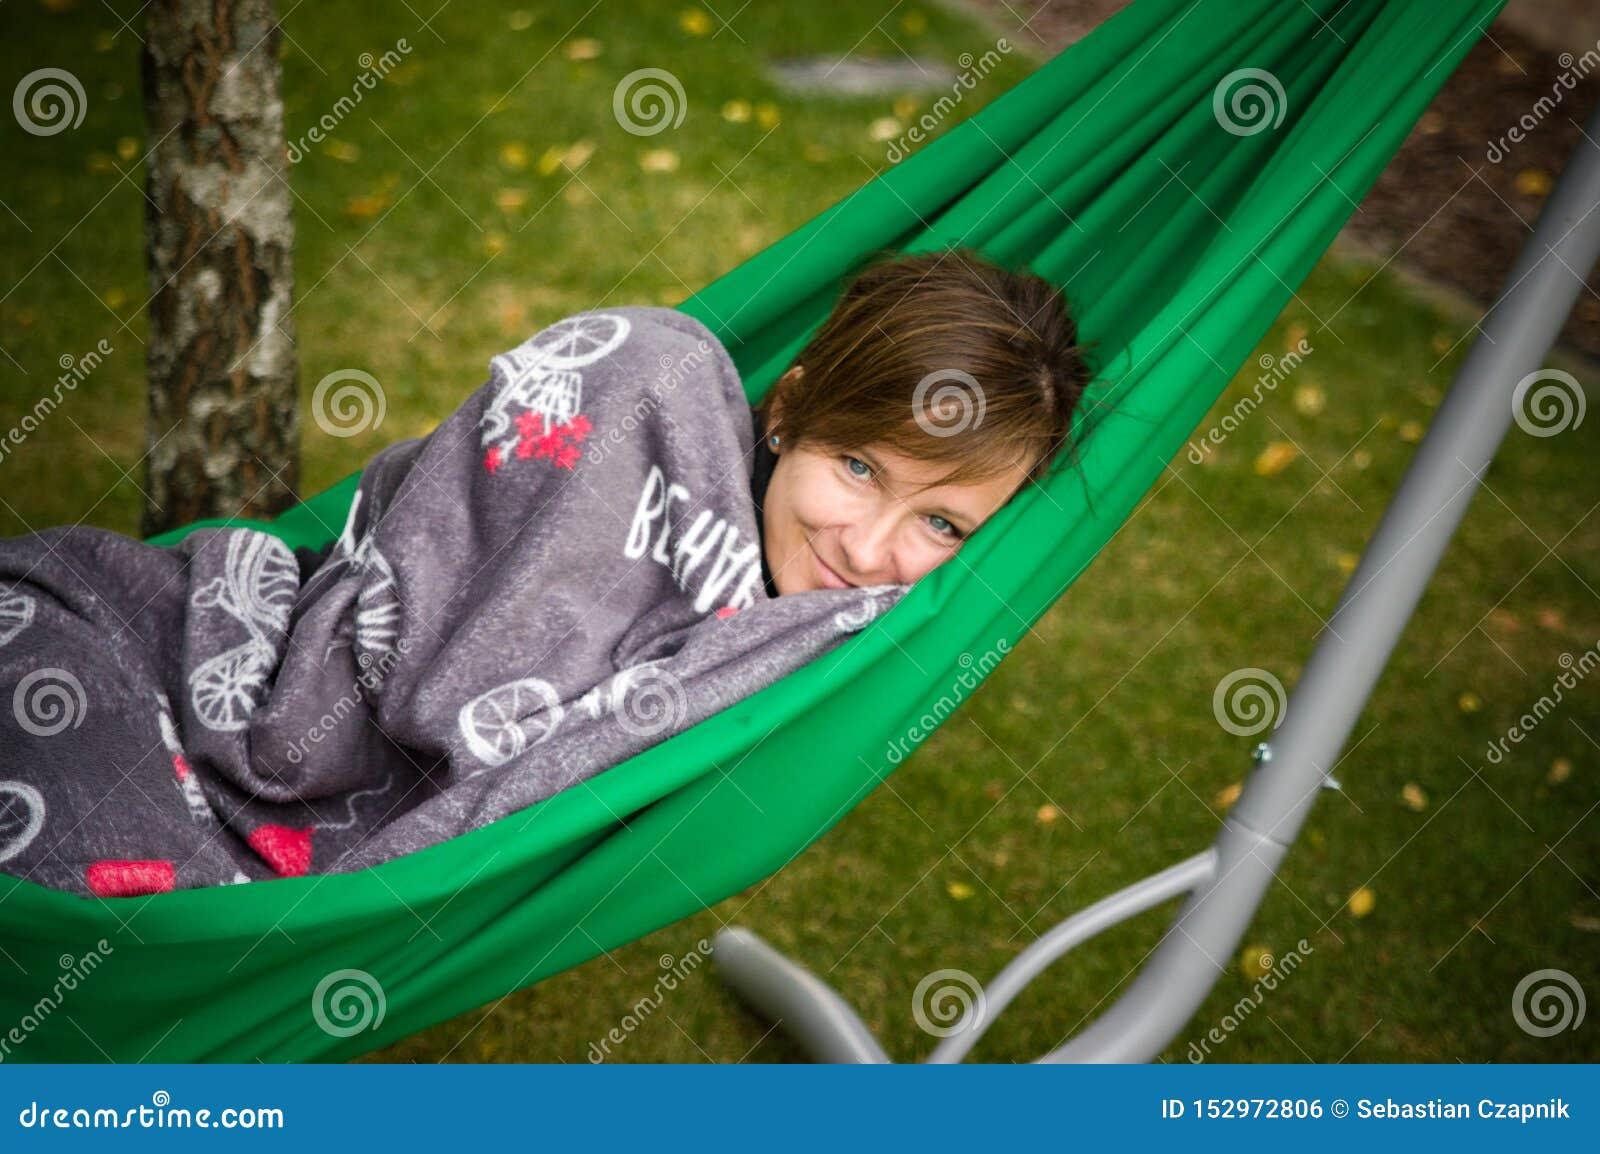 Kobieta odpoczywa w zielonym hamaku